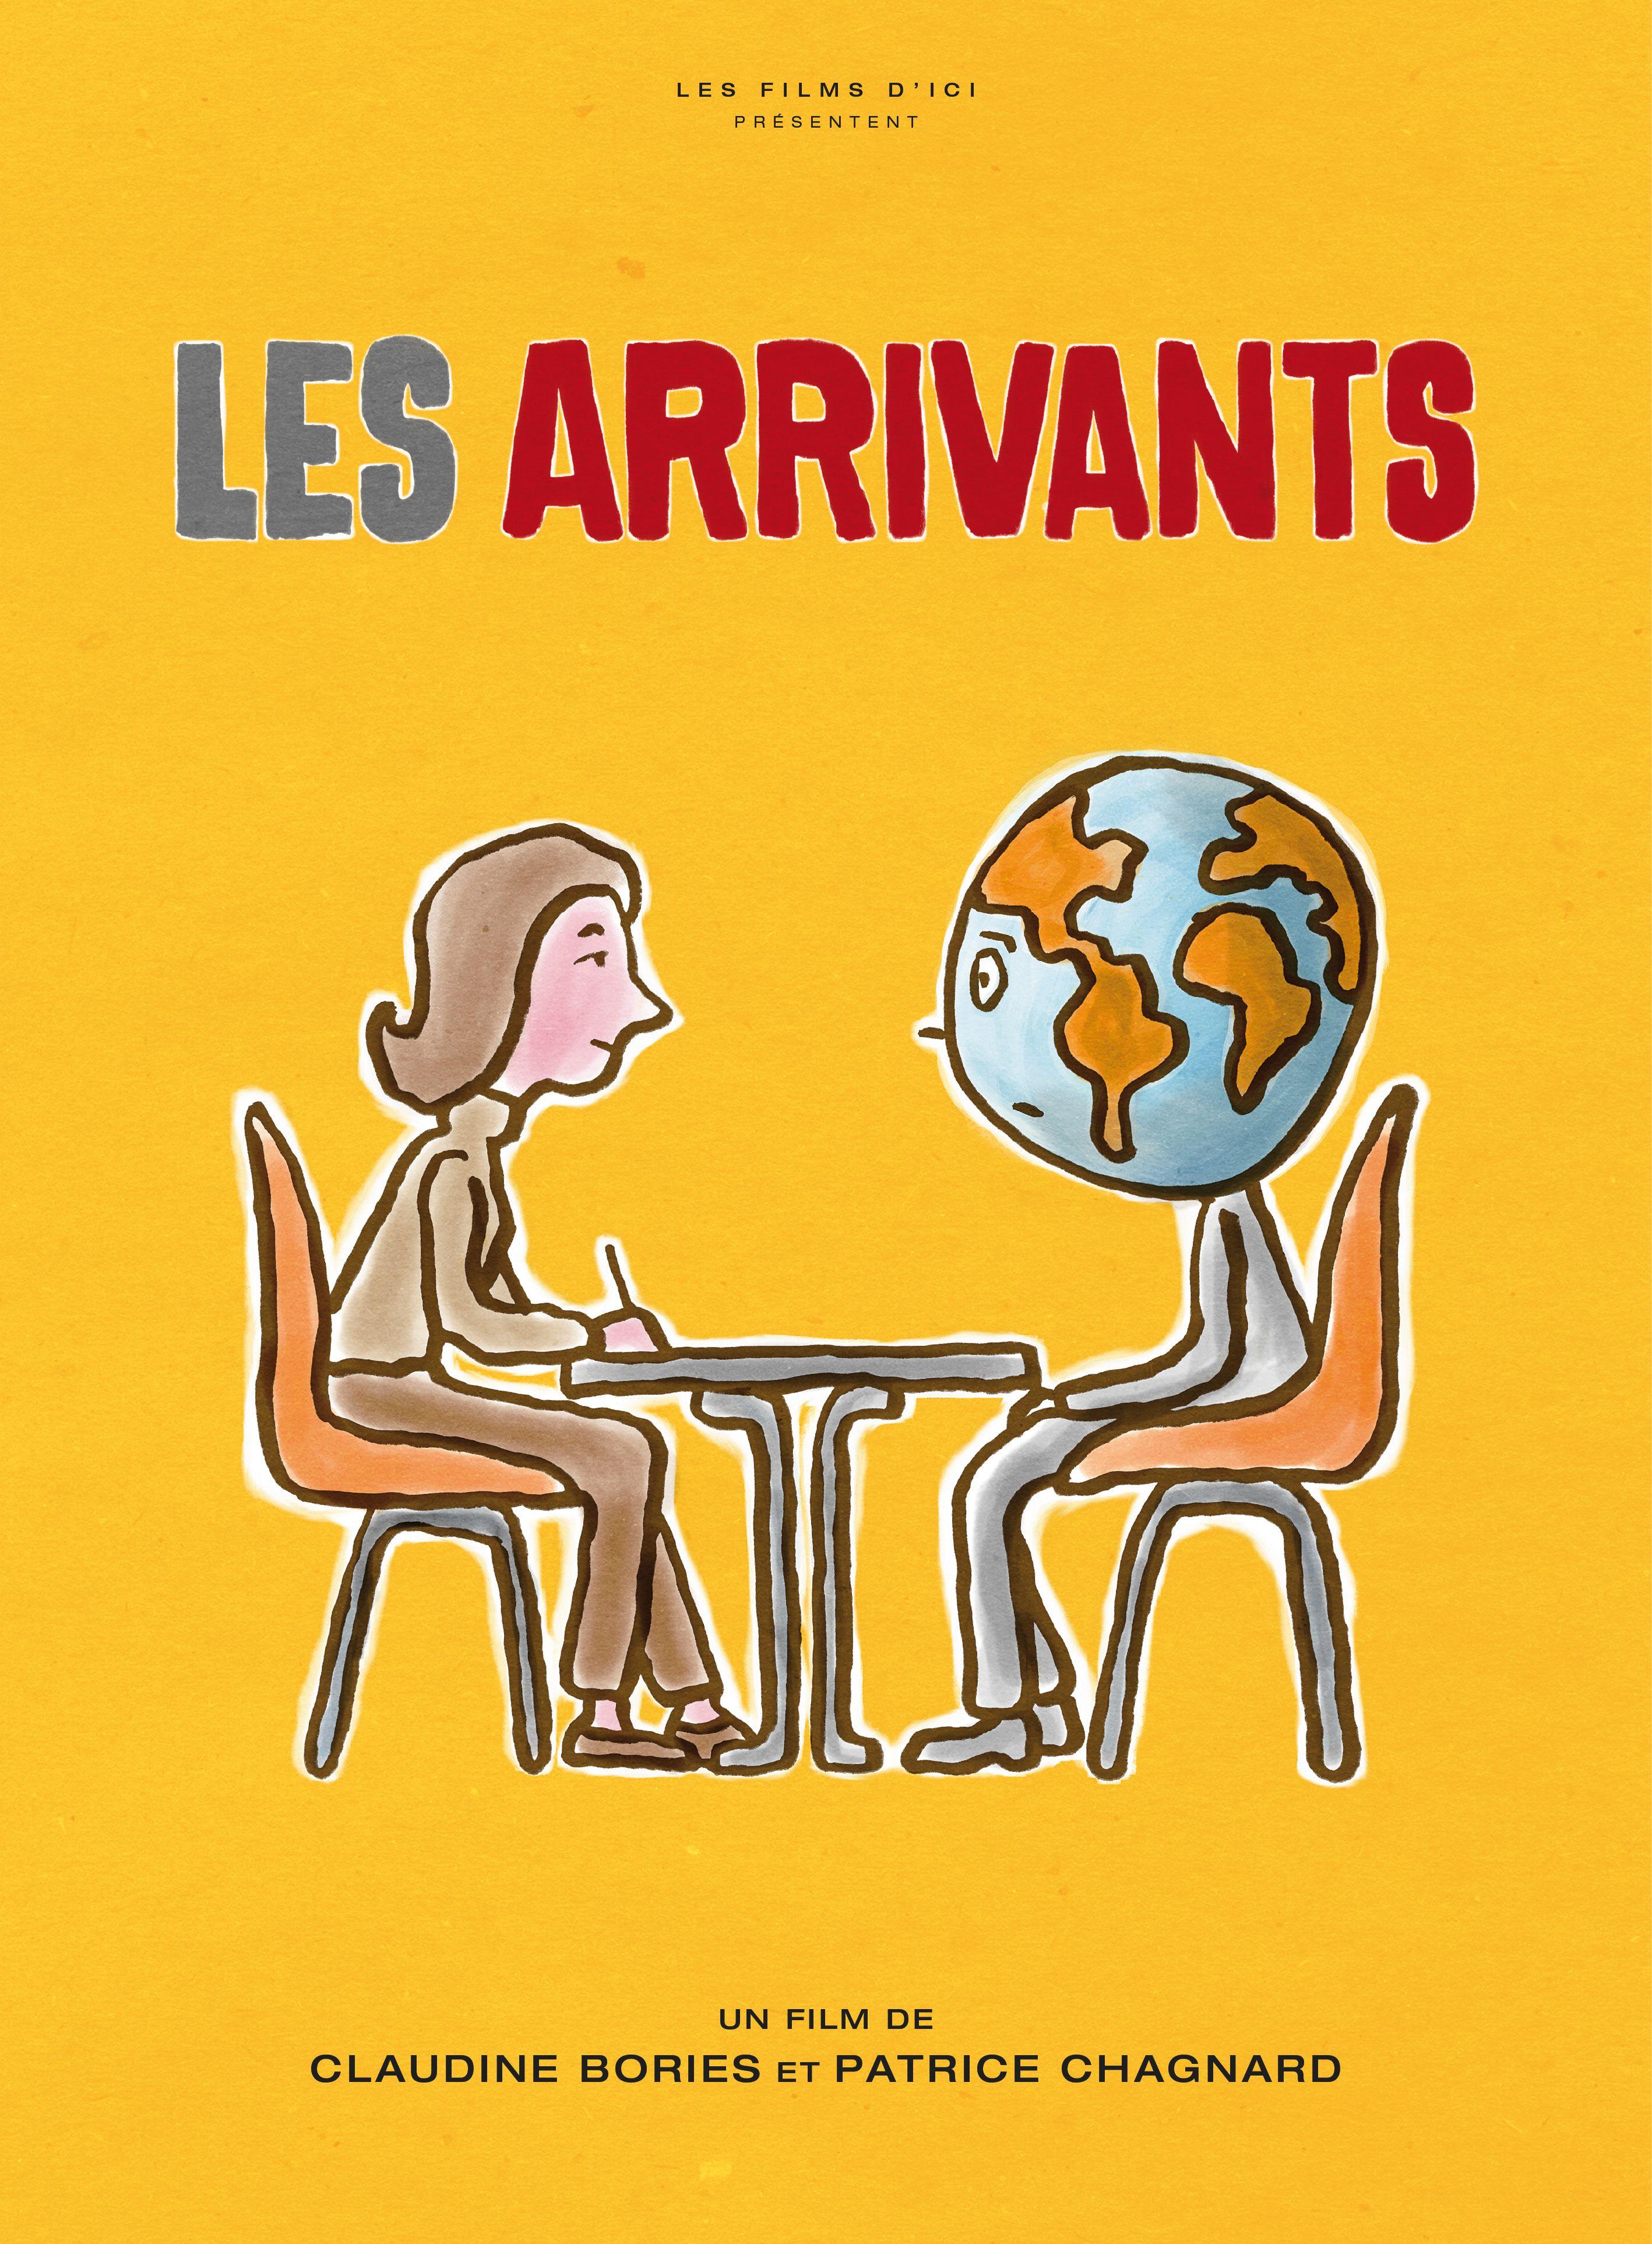 Les Arrivants - Documentaire (2010)